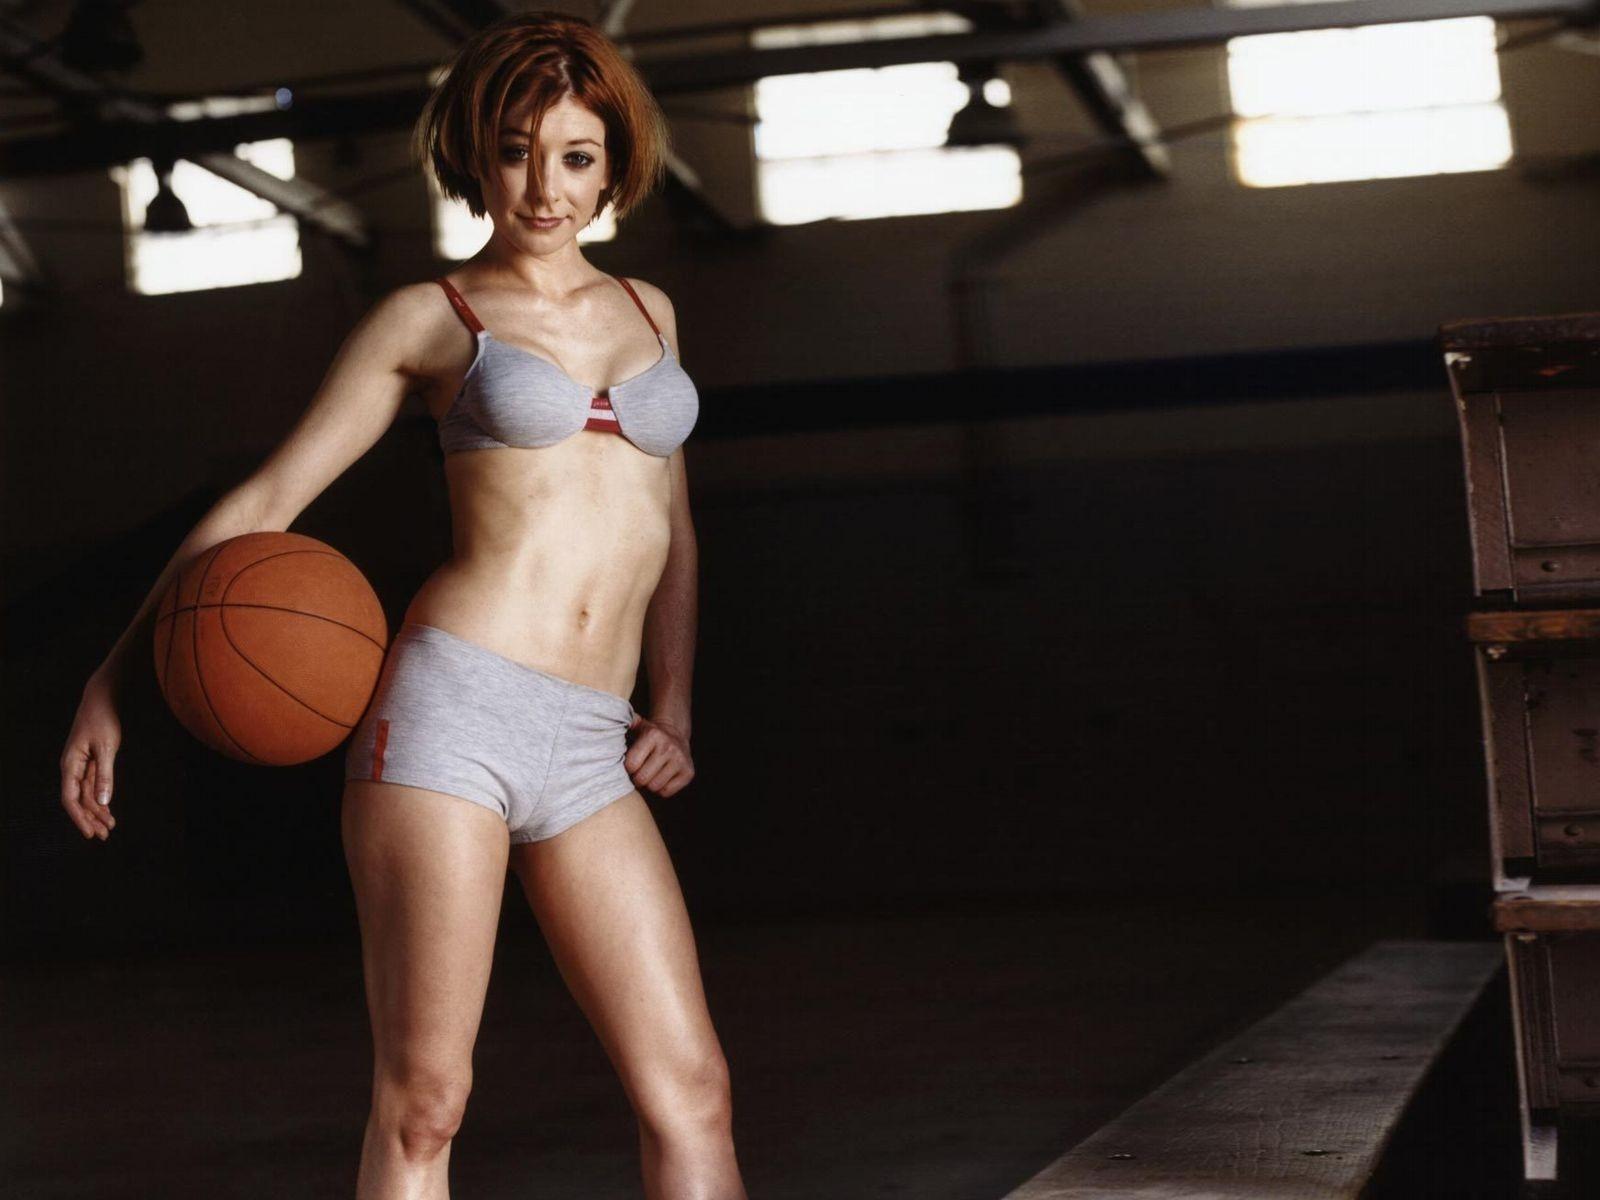 Wallpaper di Alyson Hannigan, sexy e sportiva